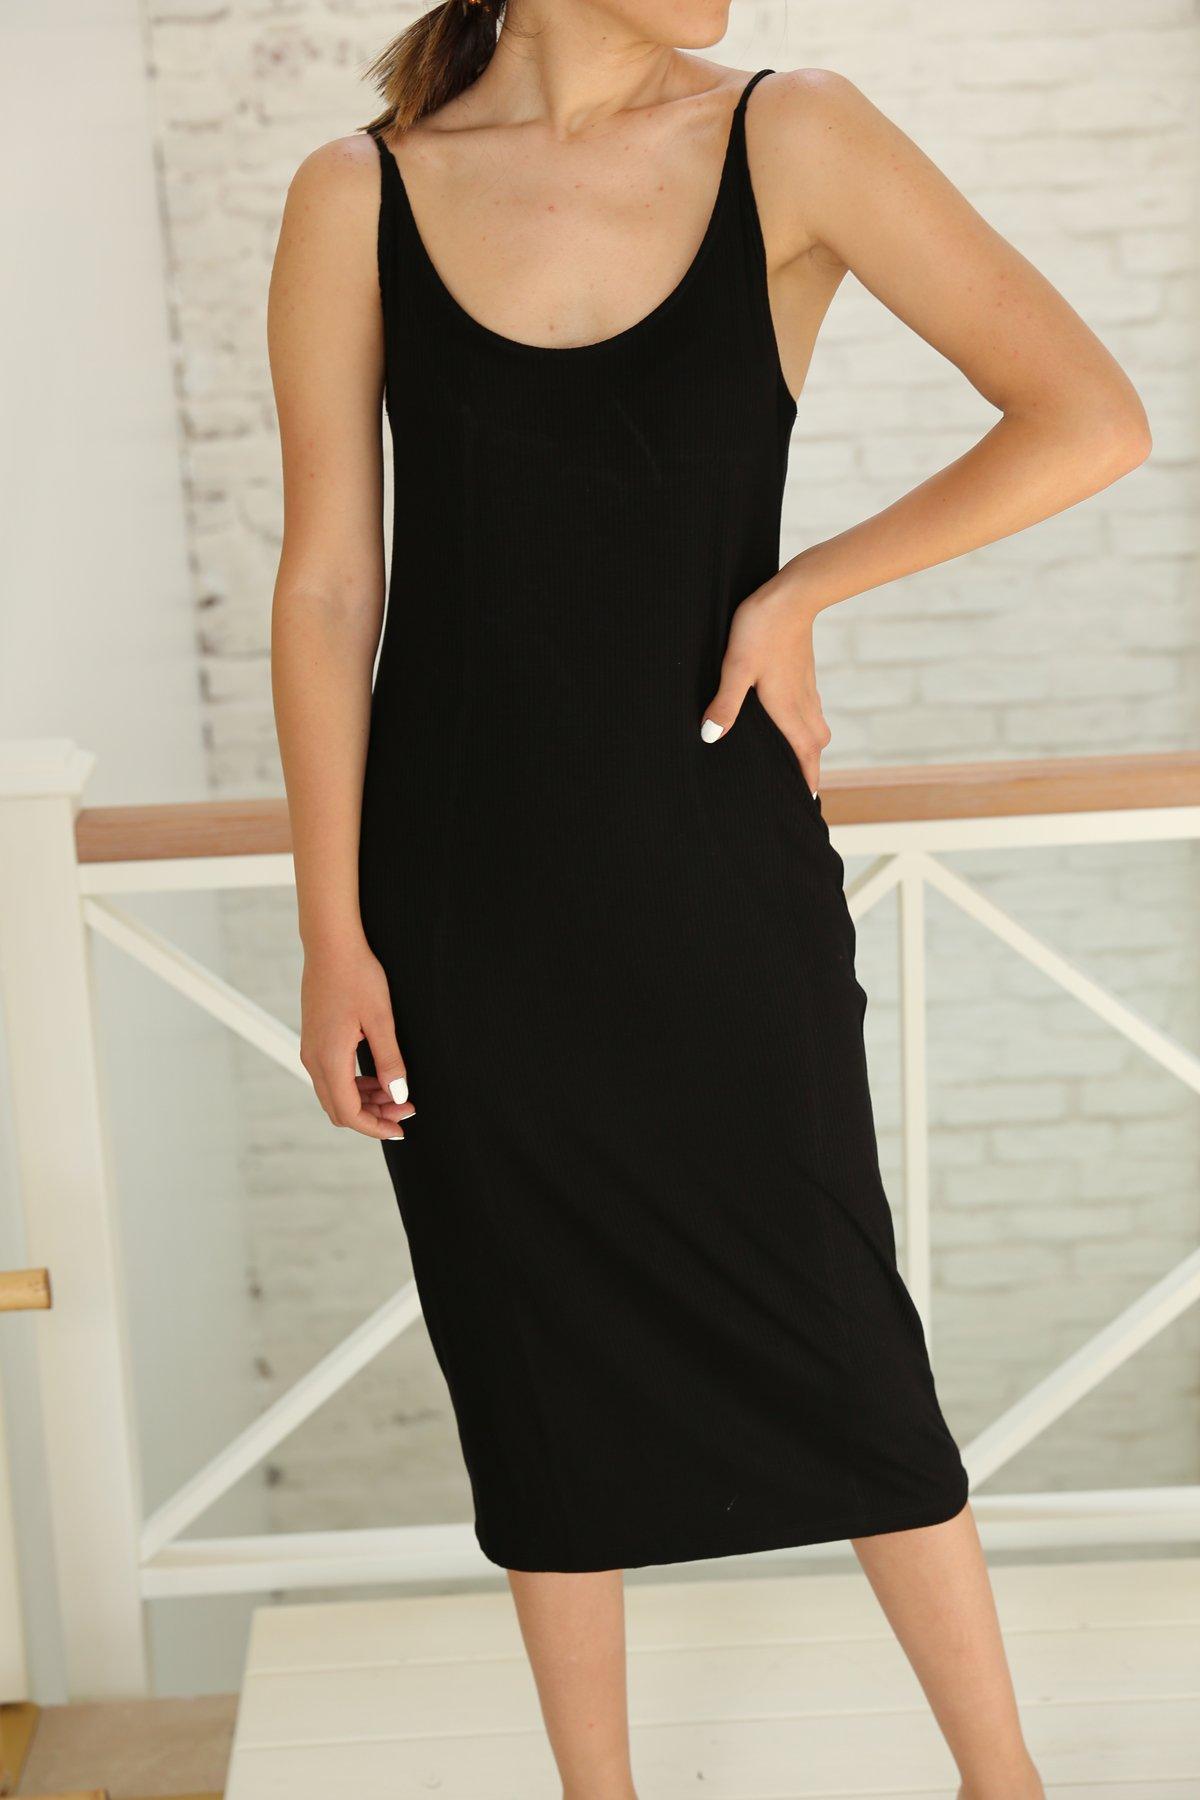 İp Askılı Fitilli Elbise